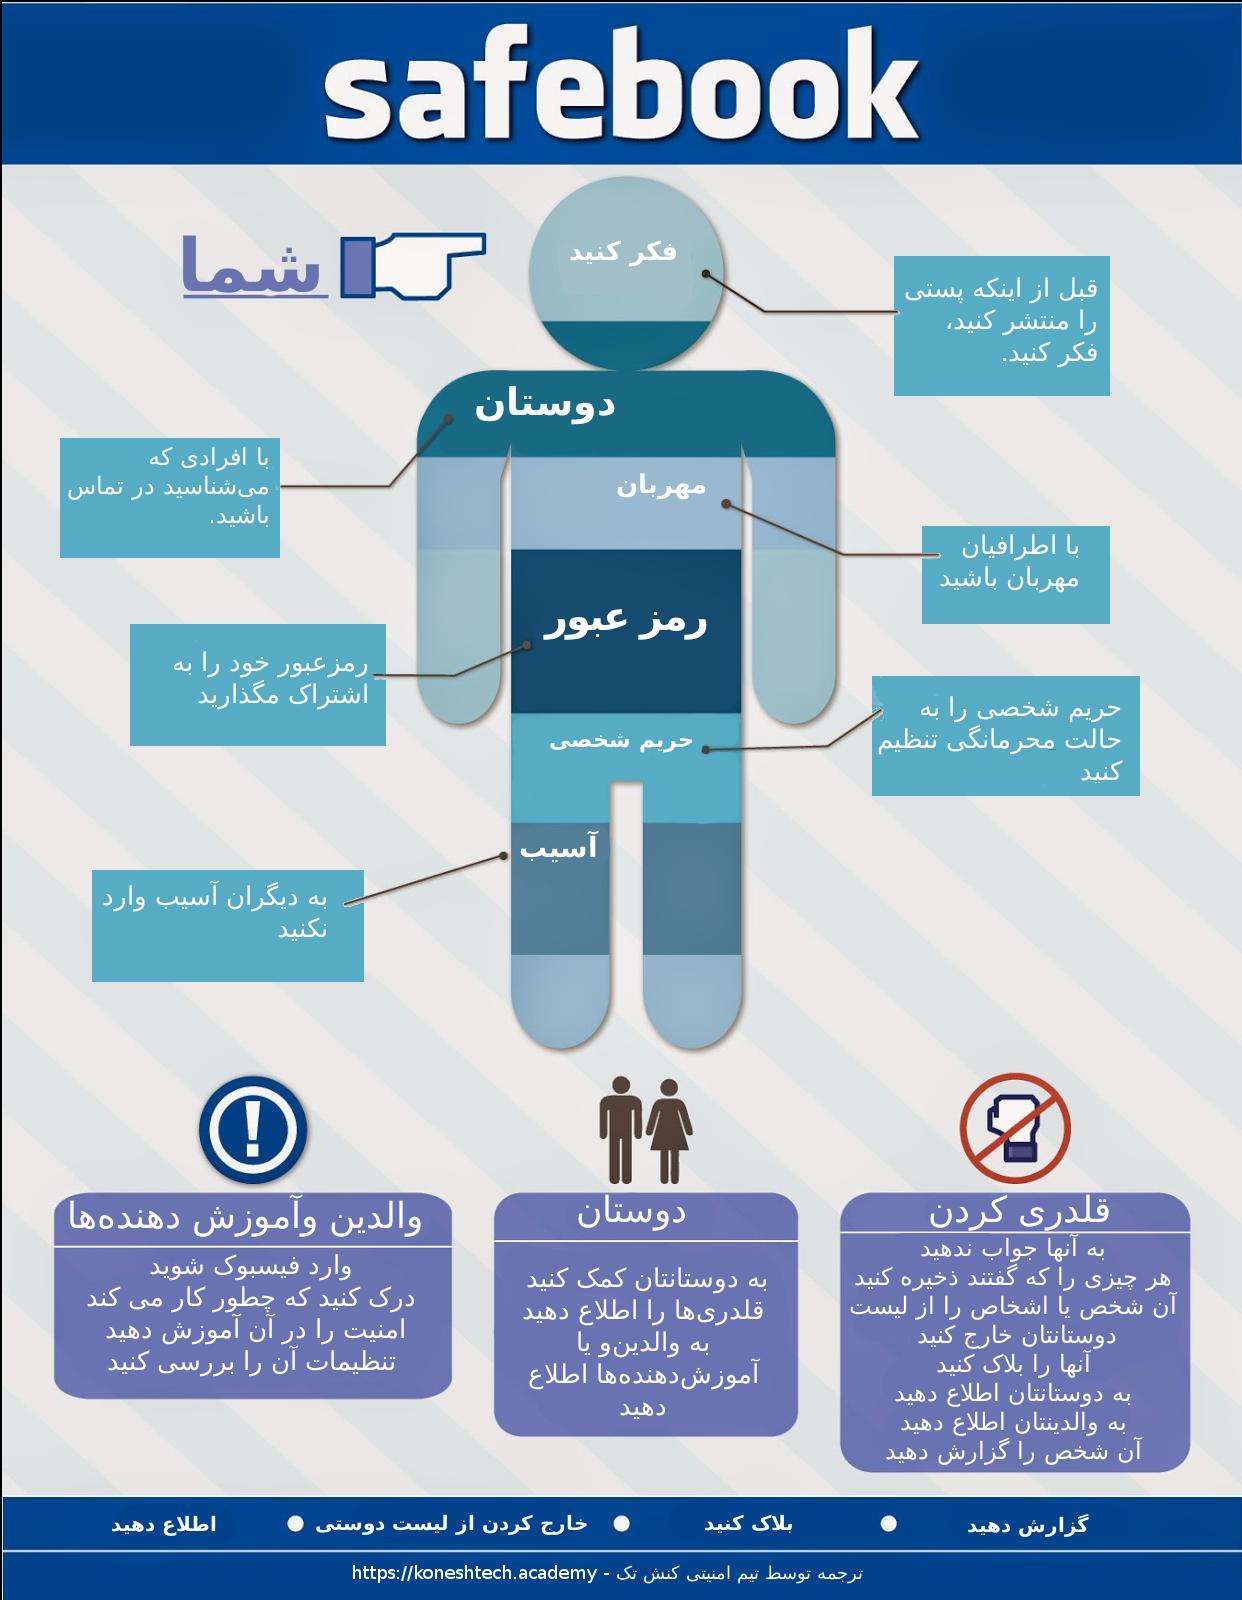 چگونه به فرزندان خود آموزش دهیم در فیسبوک امن بمانند؟